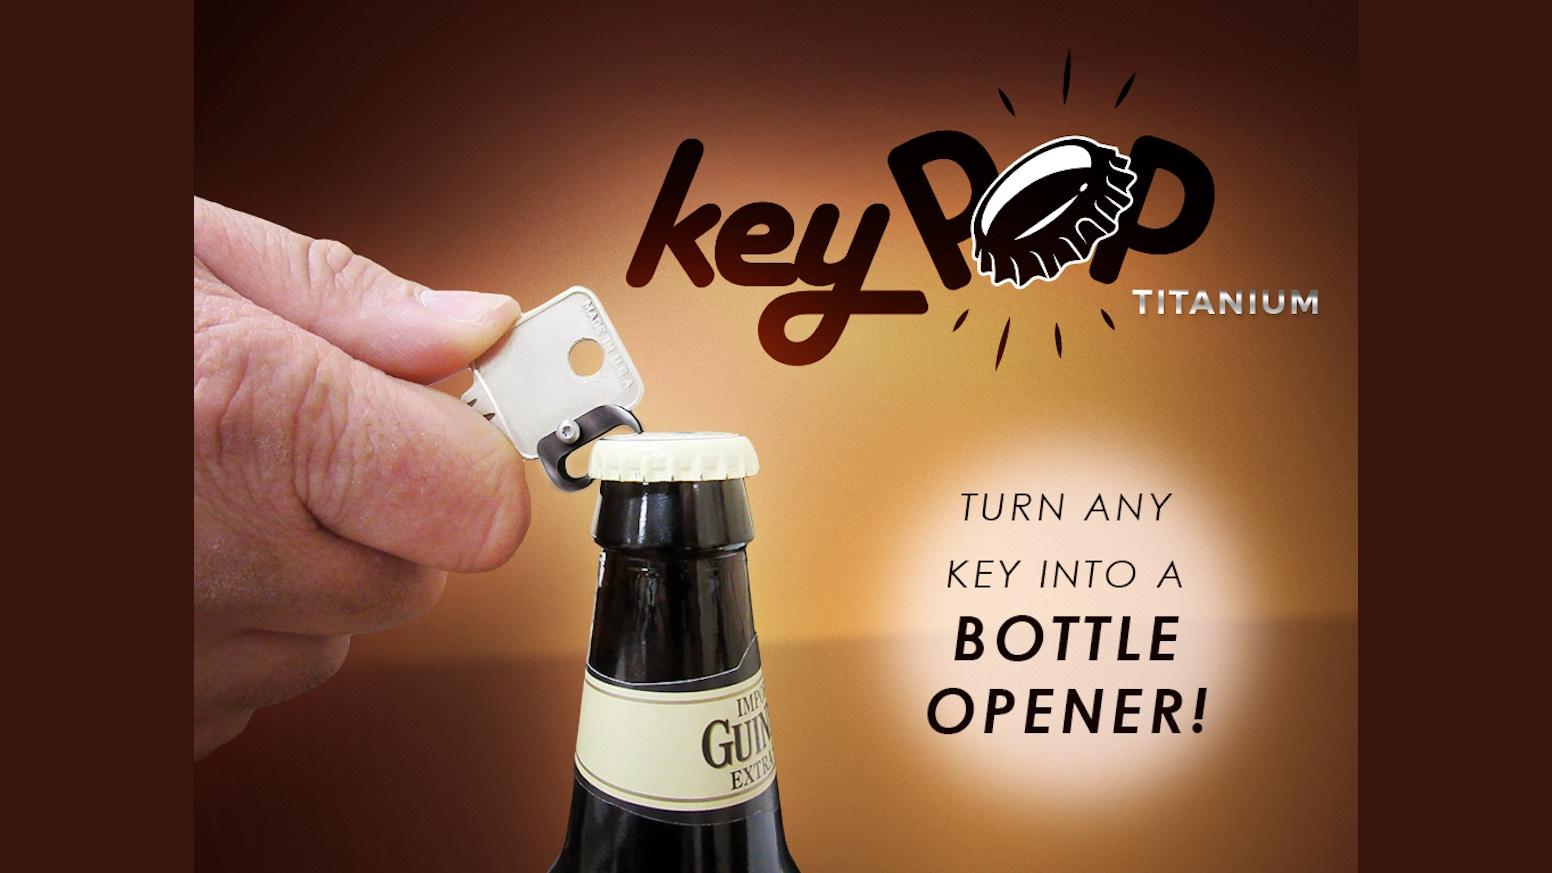 keypop turn any key into a bottle opener by dapper dave designs kickstarter. Black Bedroom Furniture Sets. Home Design Ideas